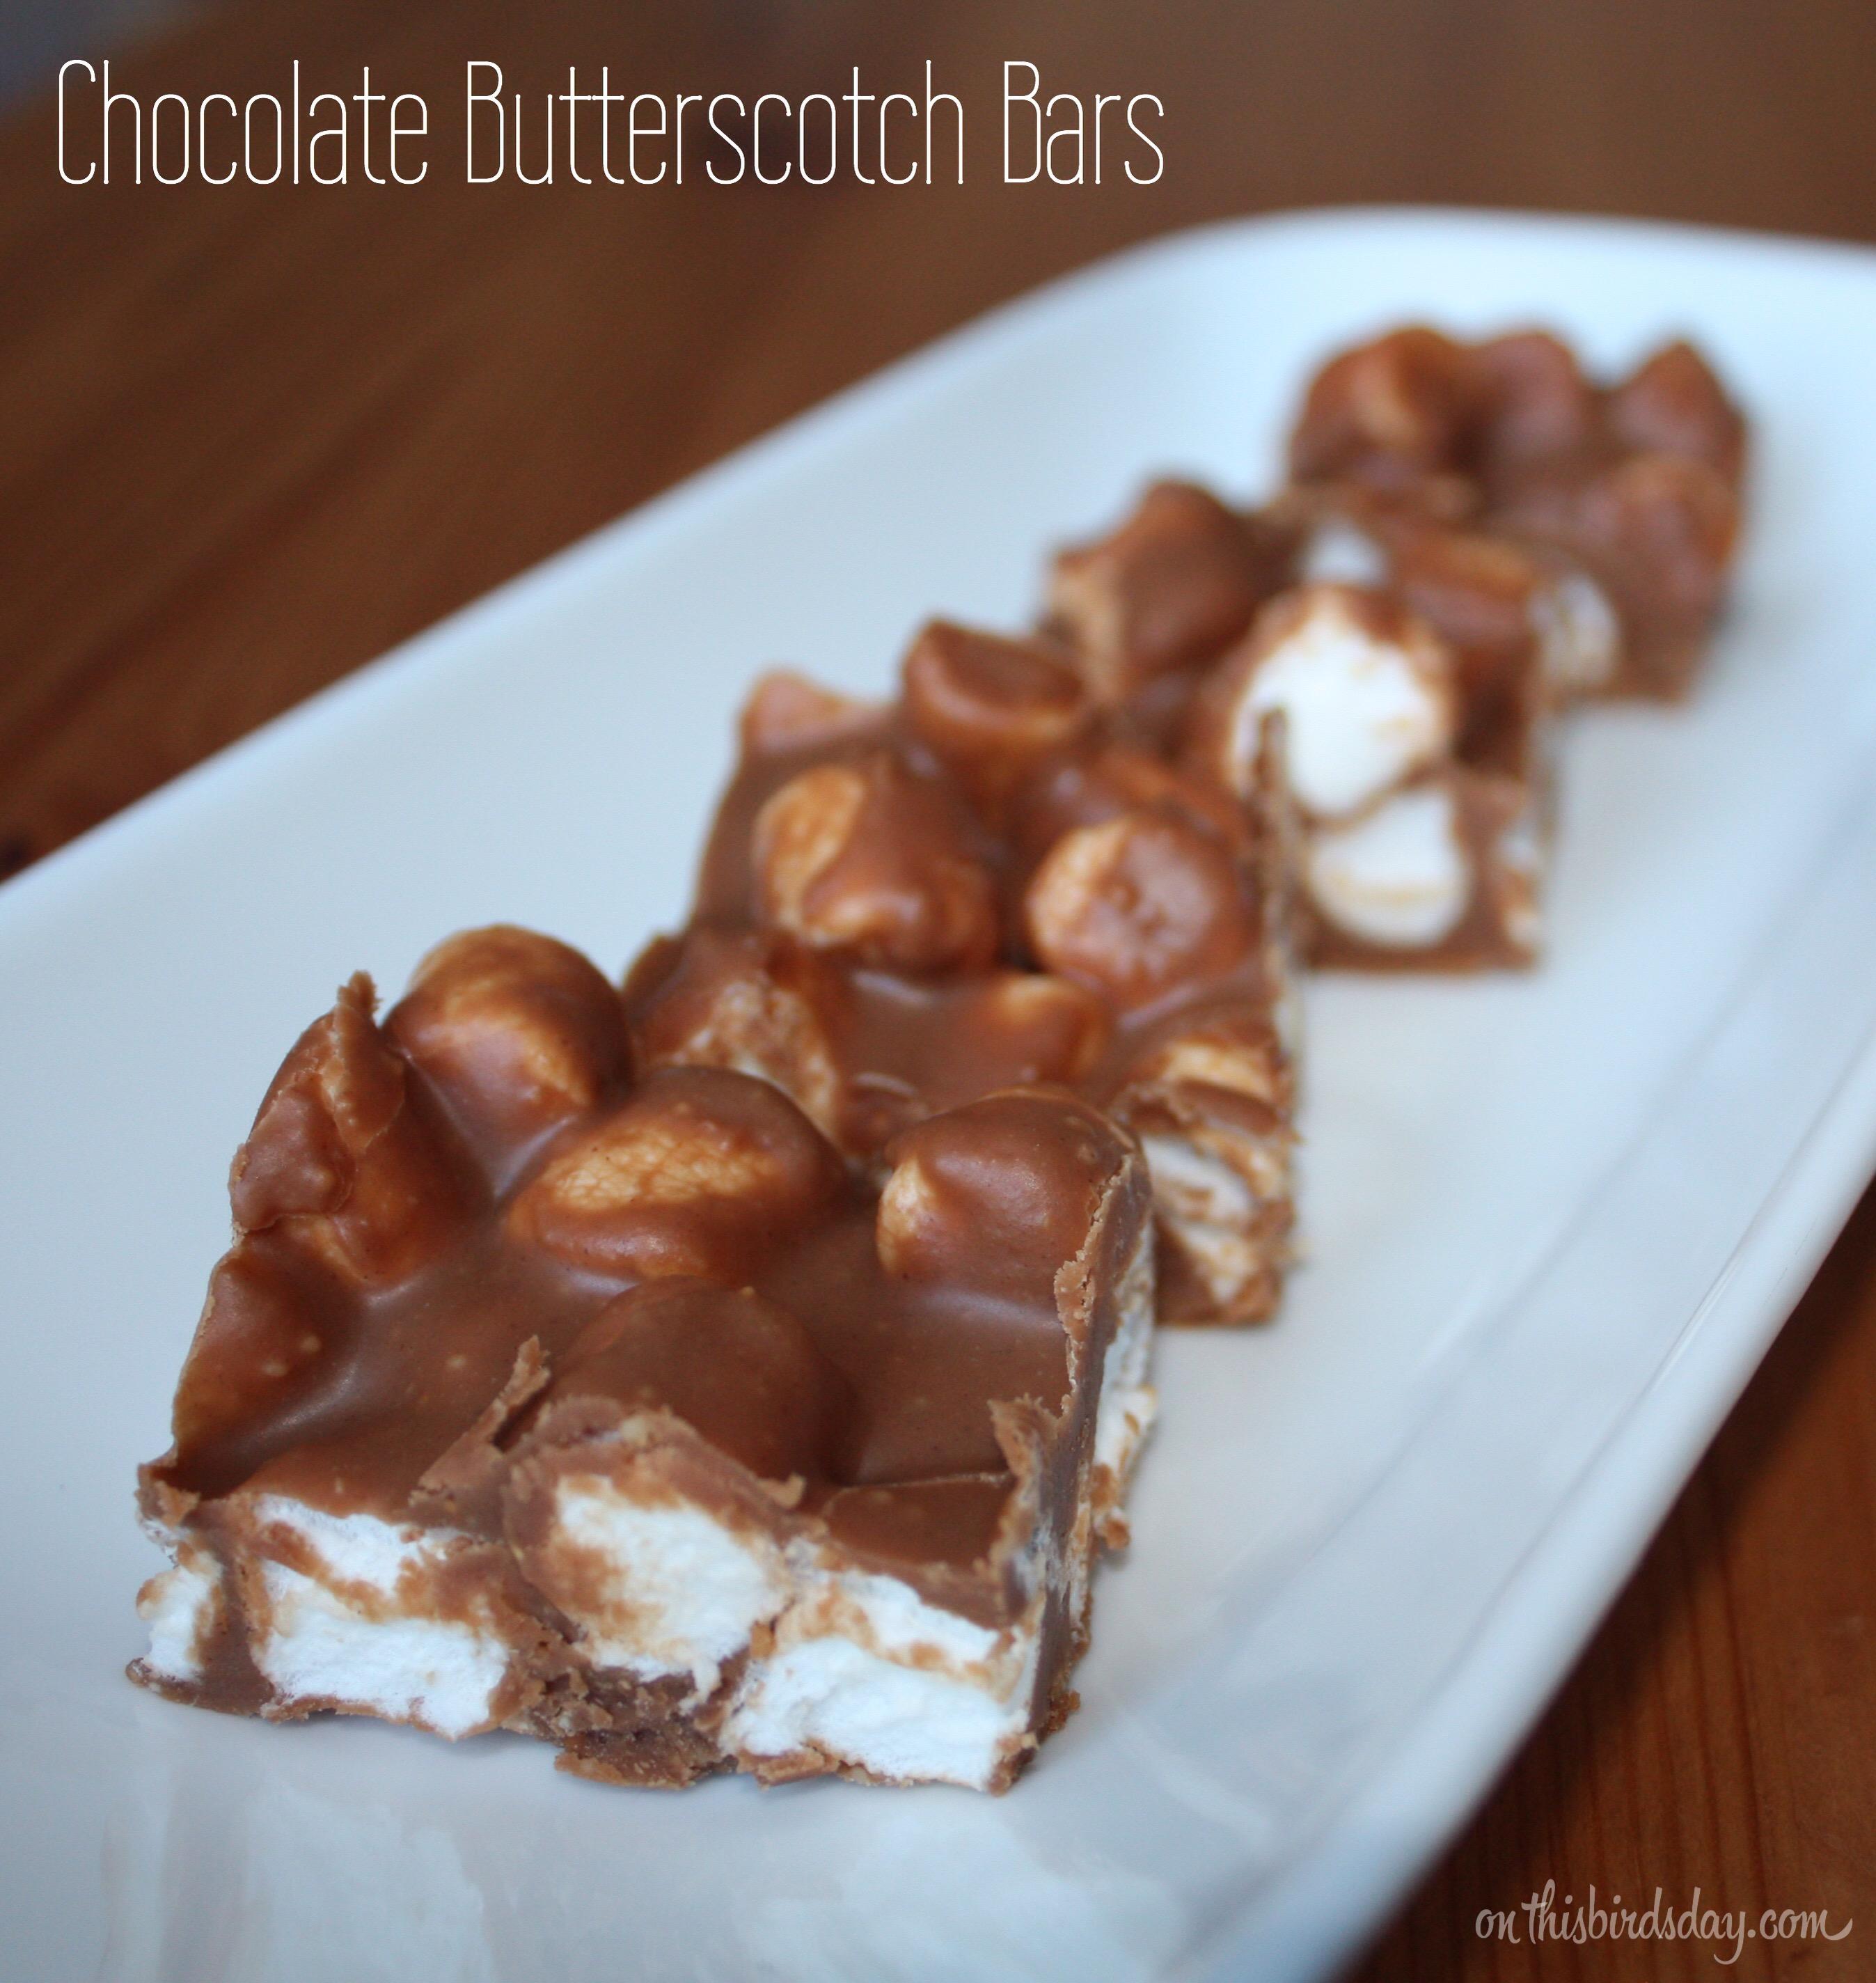 Chocolate Butterscotch Bars Recipe